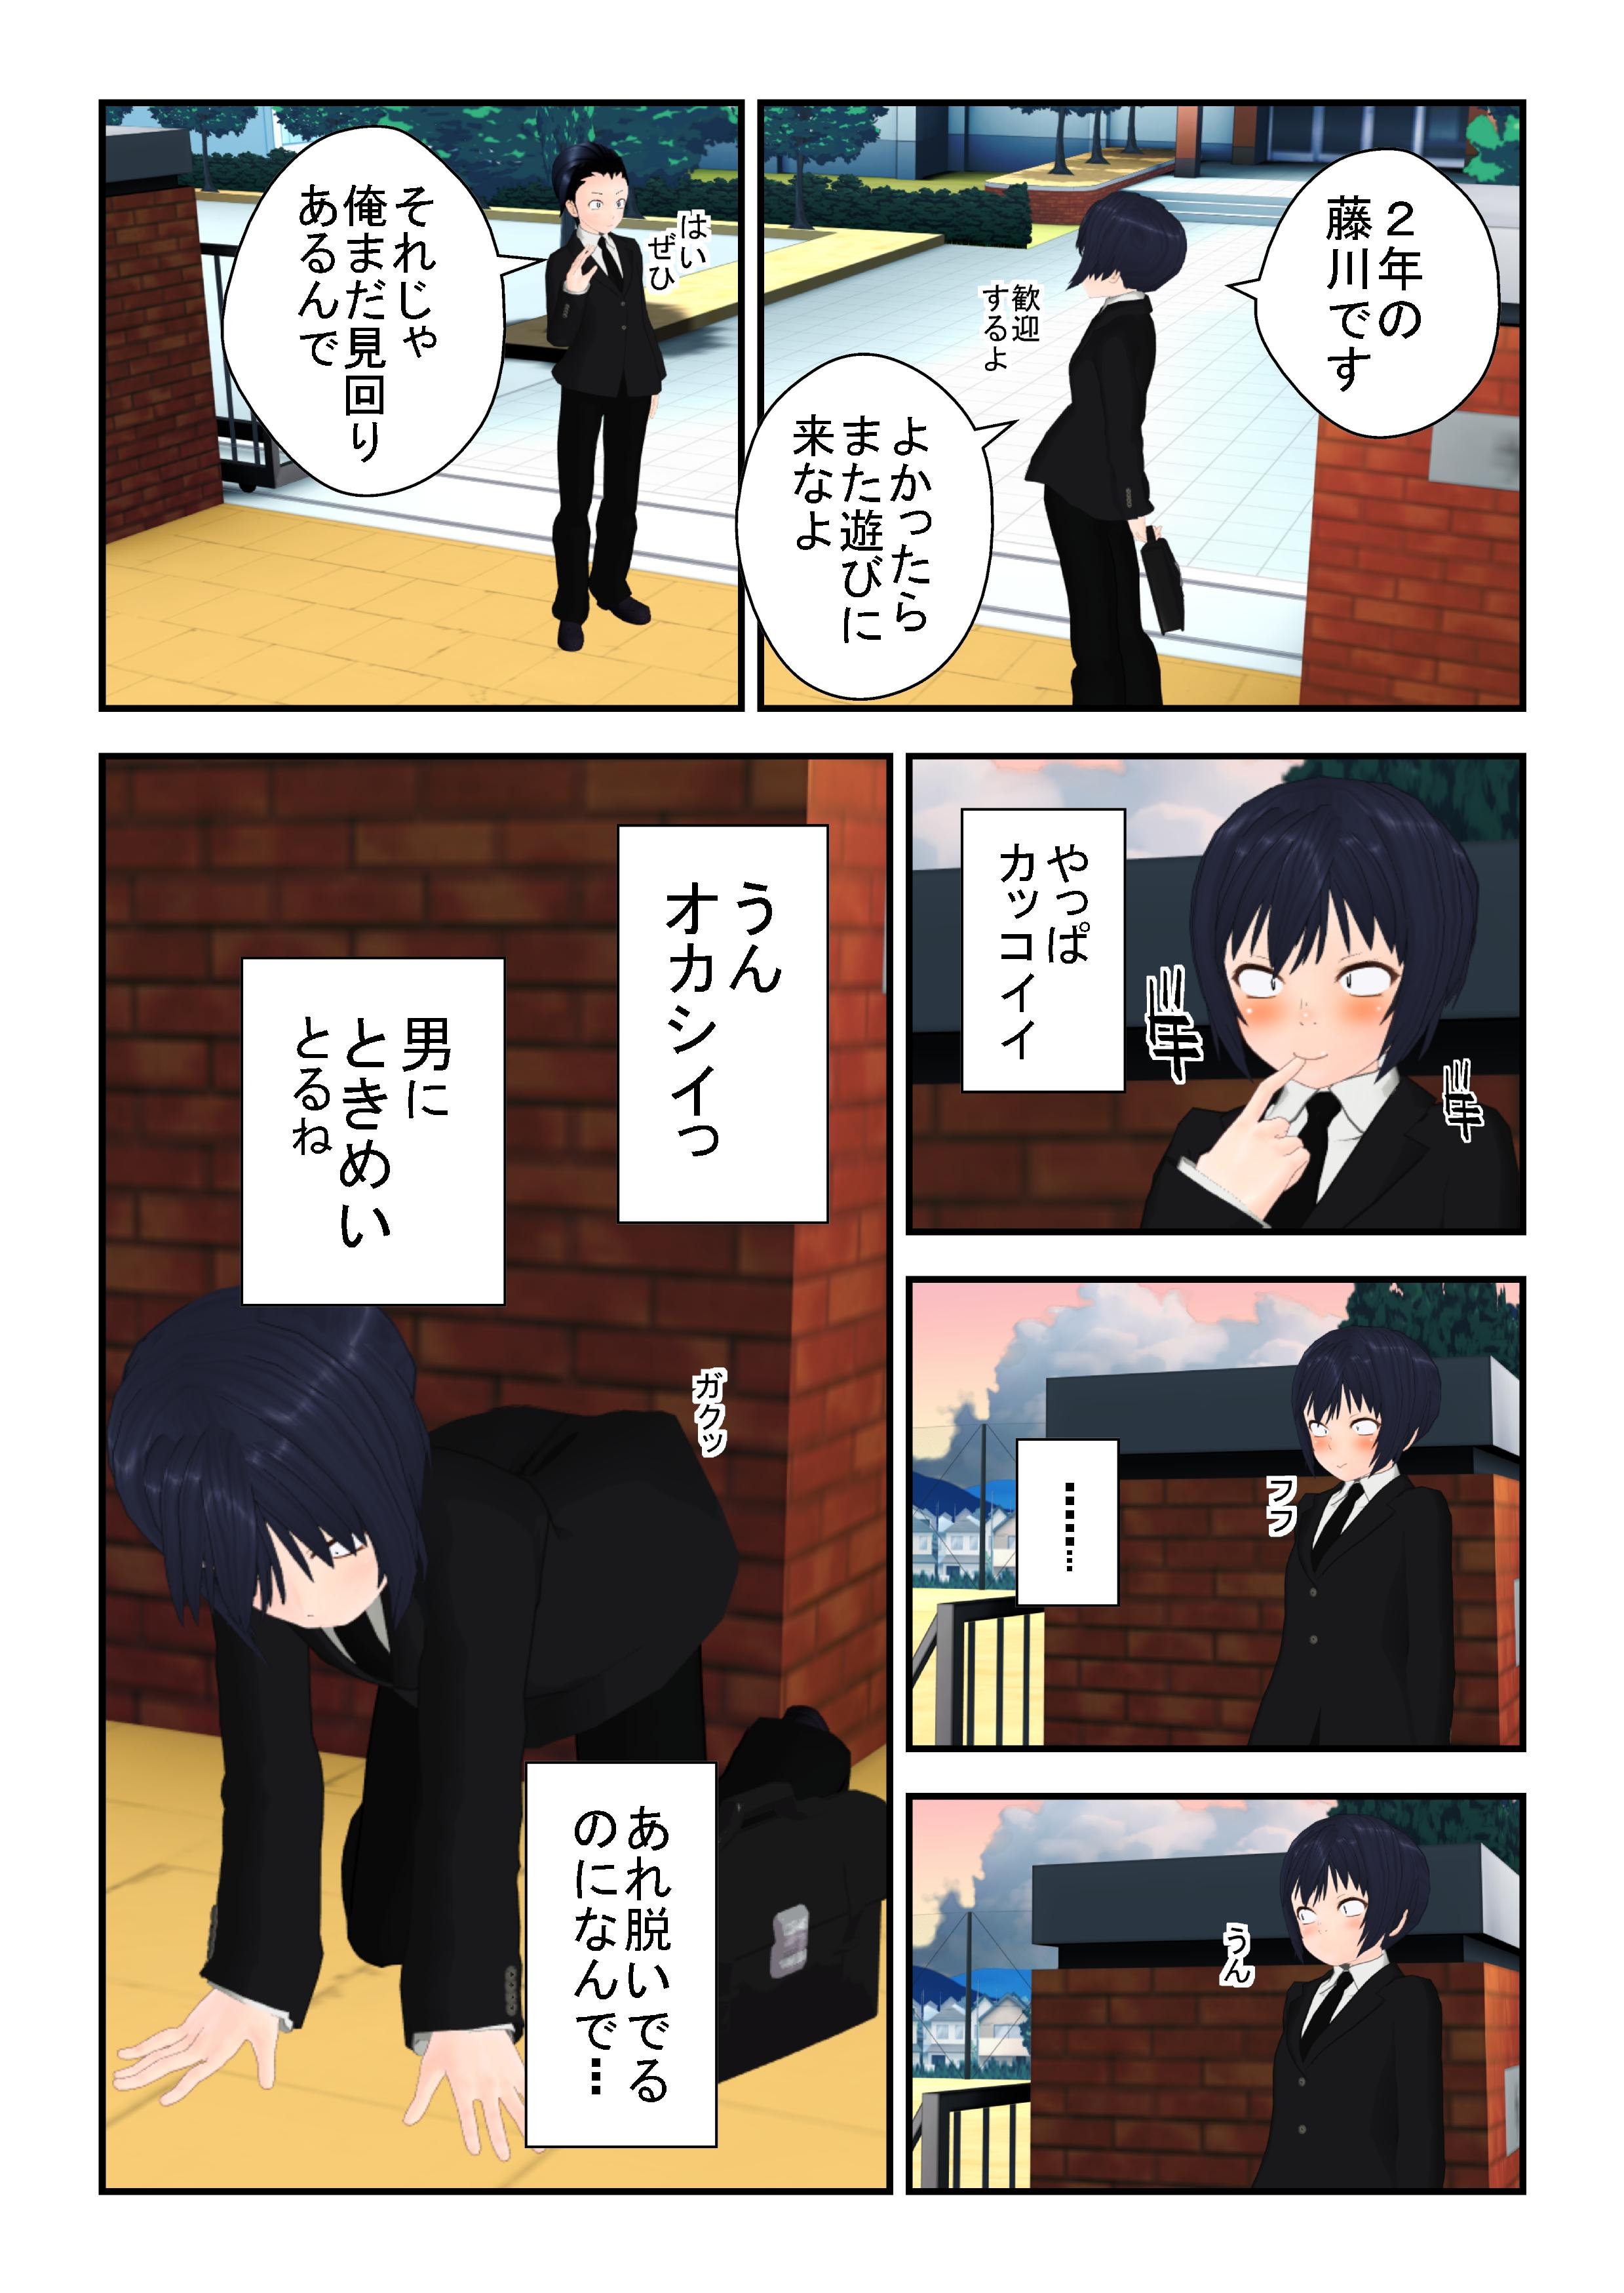 kimochi_0009.jpg